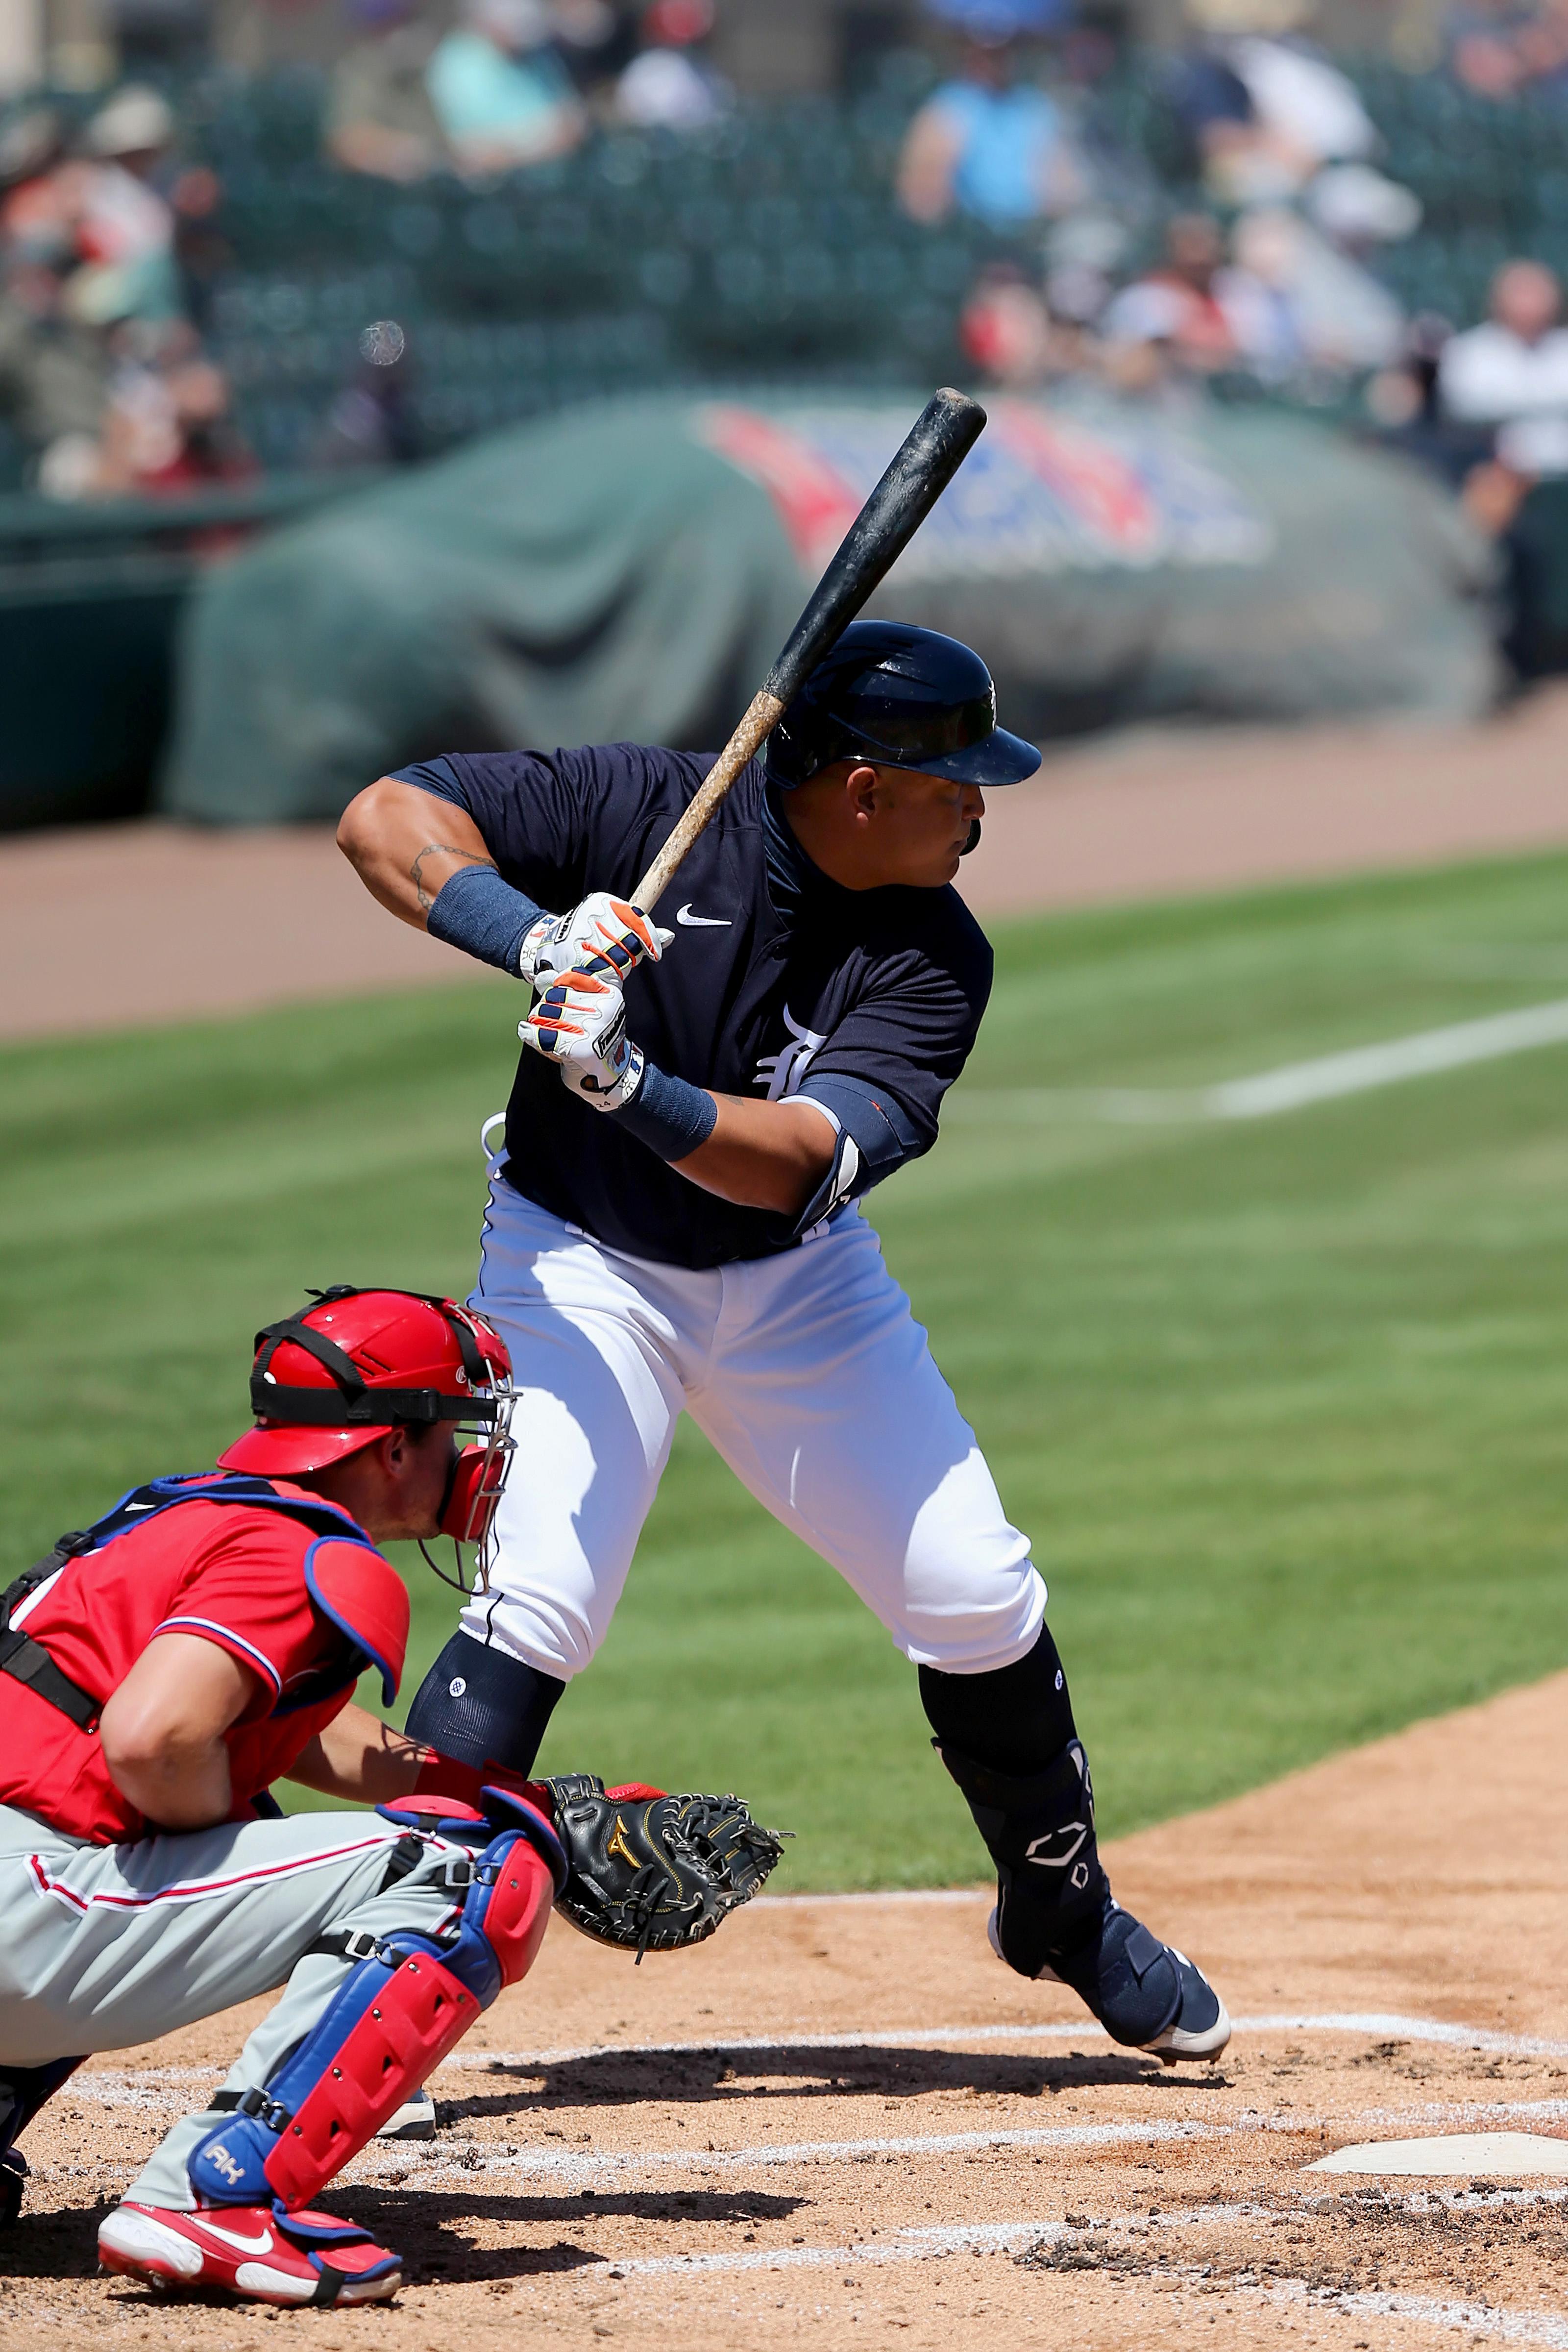 MLB: MAR 24 Phillies at Tigers